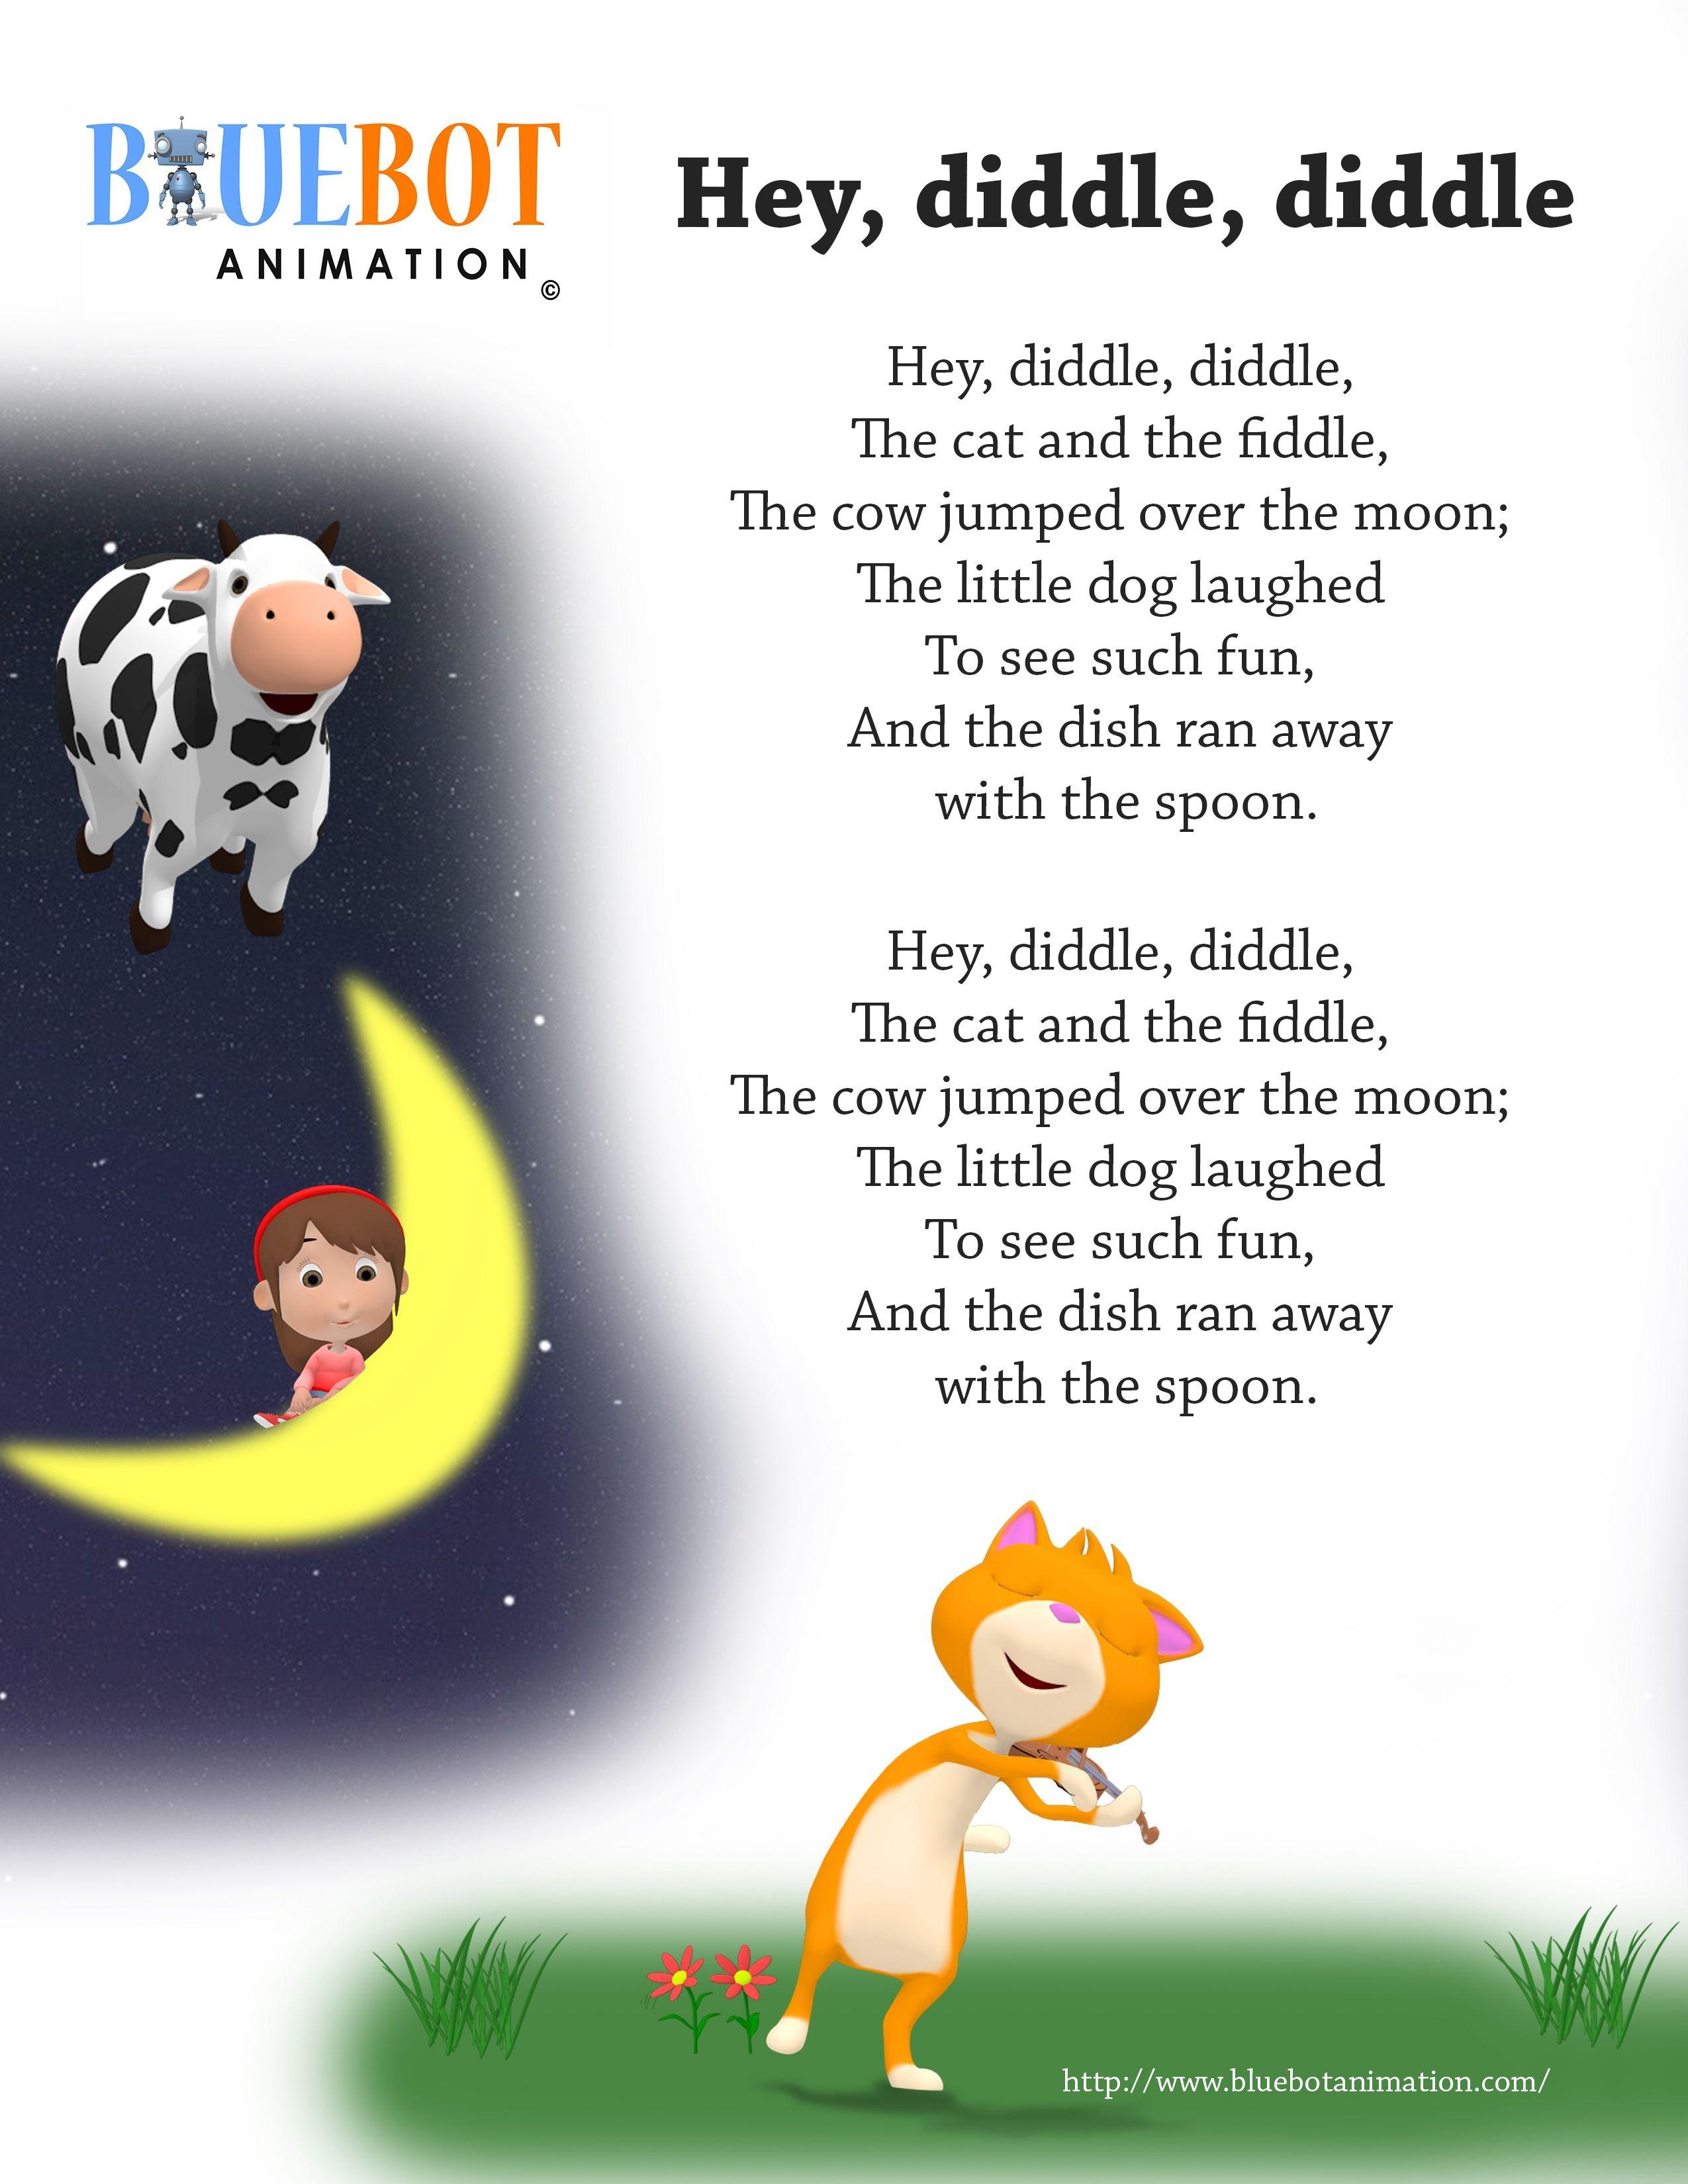 Free Printable Nursery Rhyme Lyrics Page. , Hey Diddle Diddle, Hey - Free Printable Nursery Rhymes